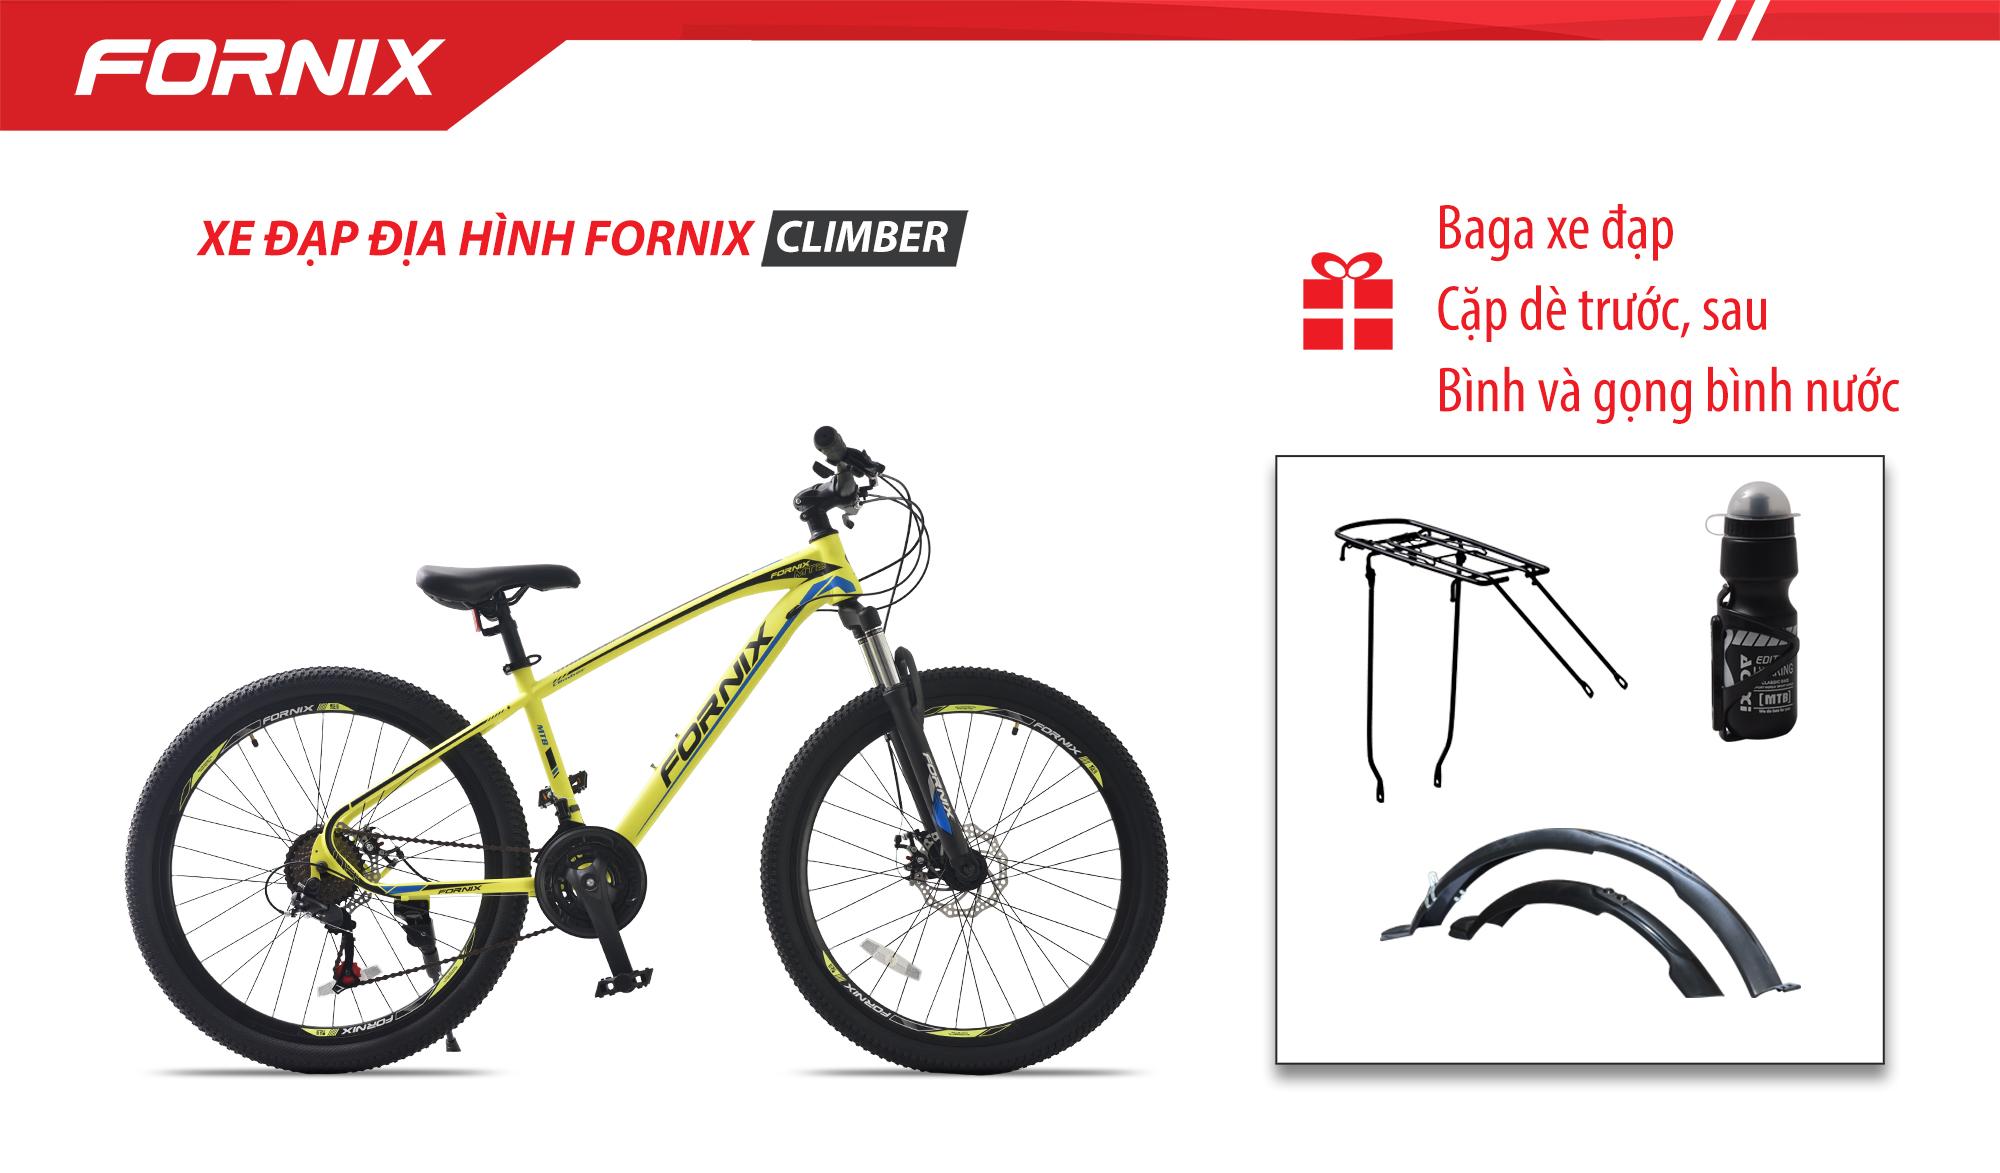 Mua Xe đạp địa hình Fornix Climber + Tặng Bình nước và gọng bình nước, Cặp dè thể thao, Baga